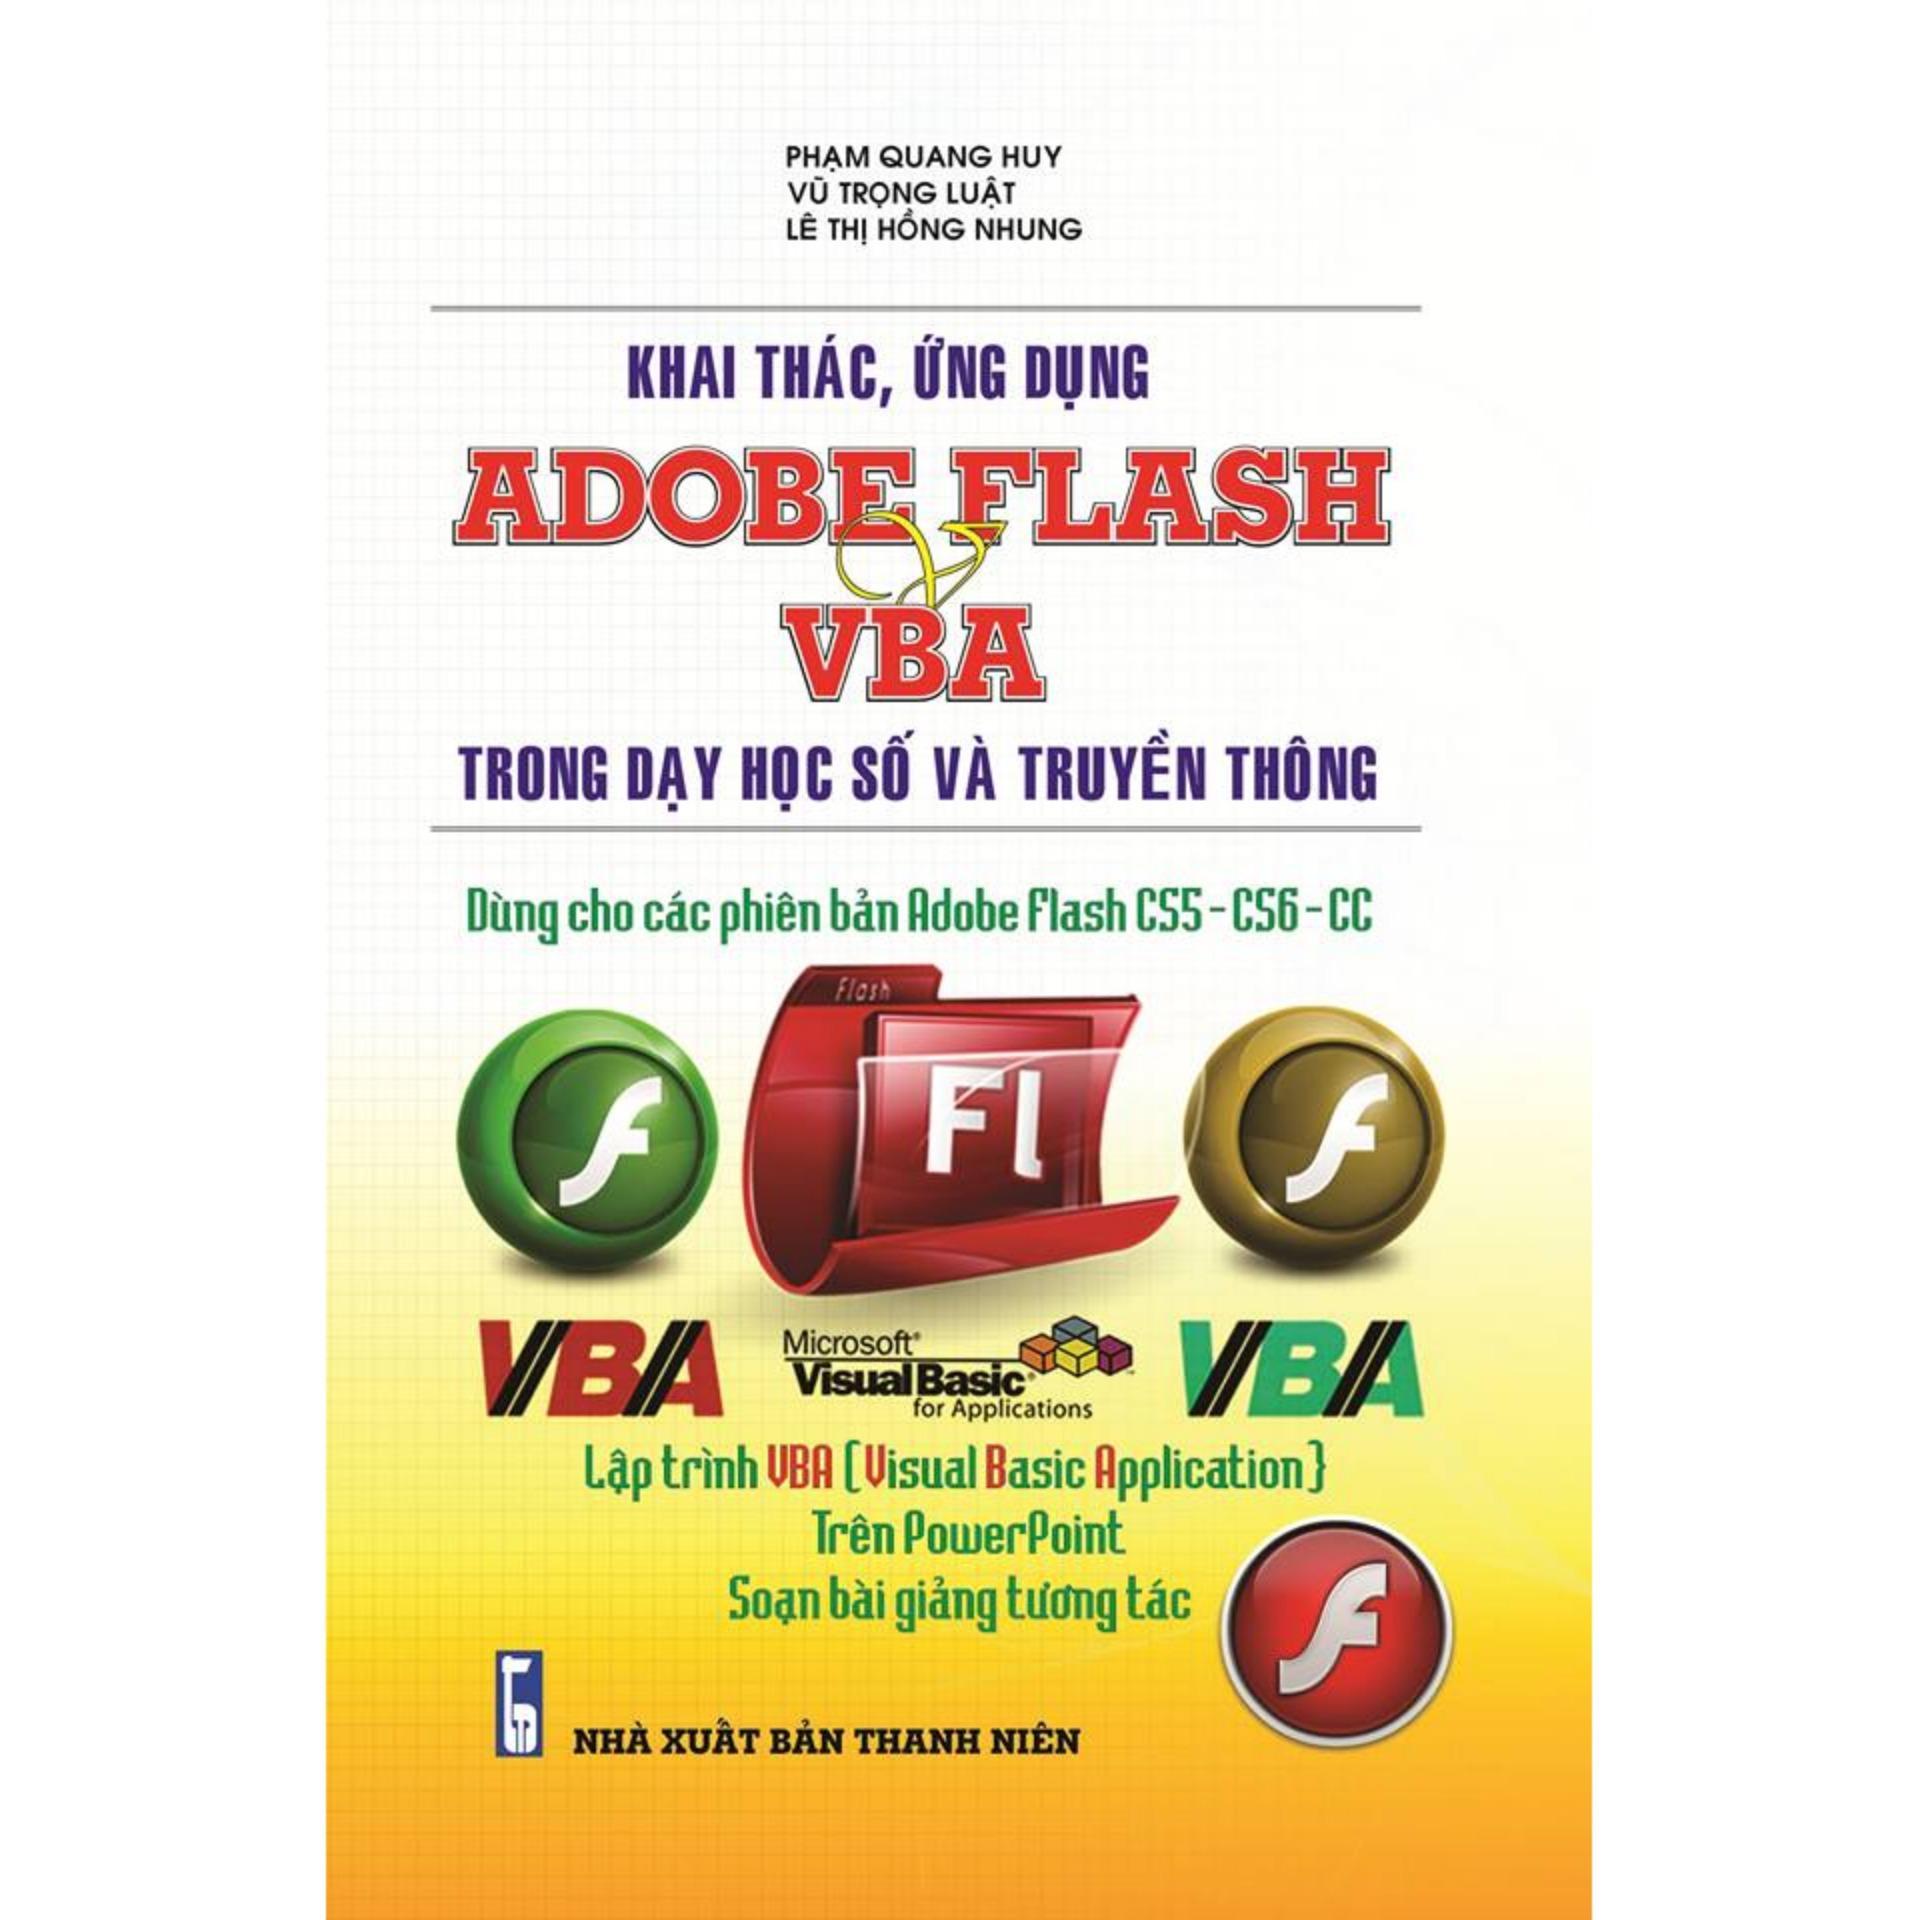 Mua Khai Thác, Ứng Dụng Adobe Flash Vba Trong Dạy Học Số Và Truyền Thông